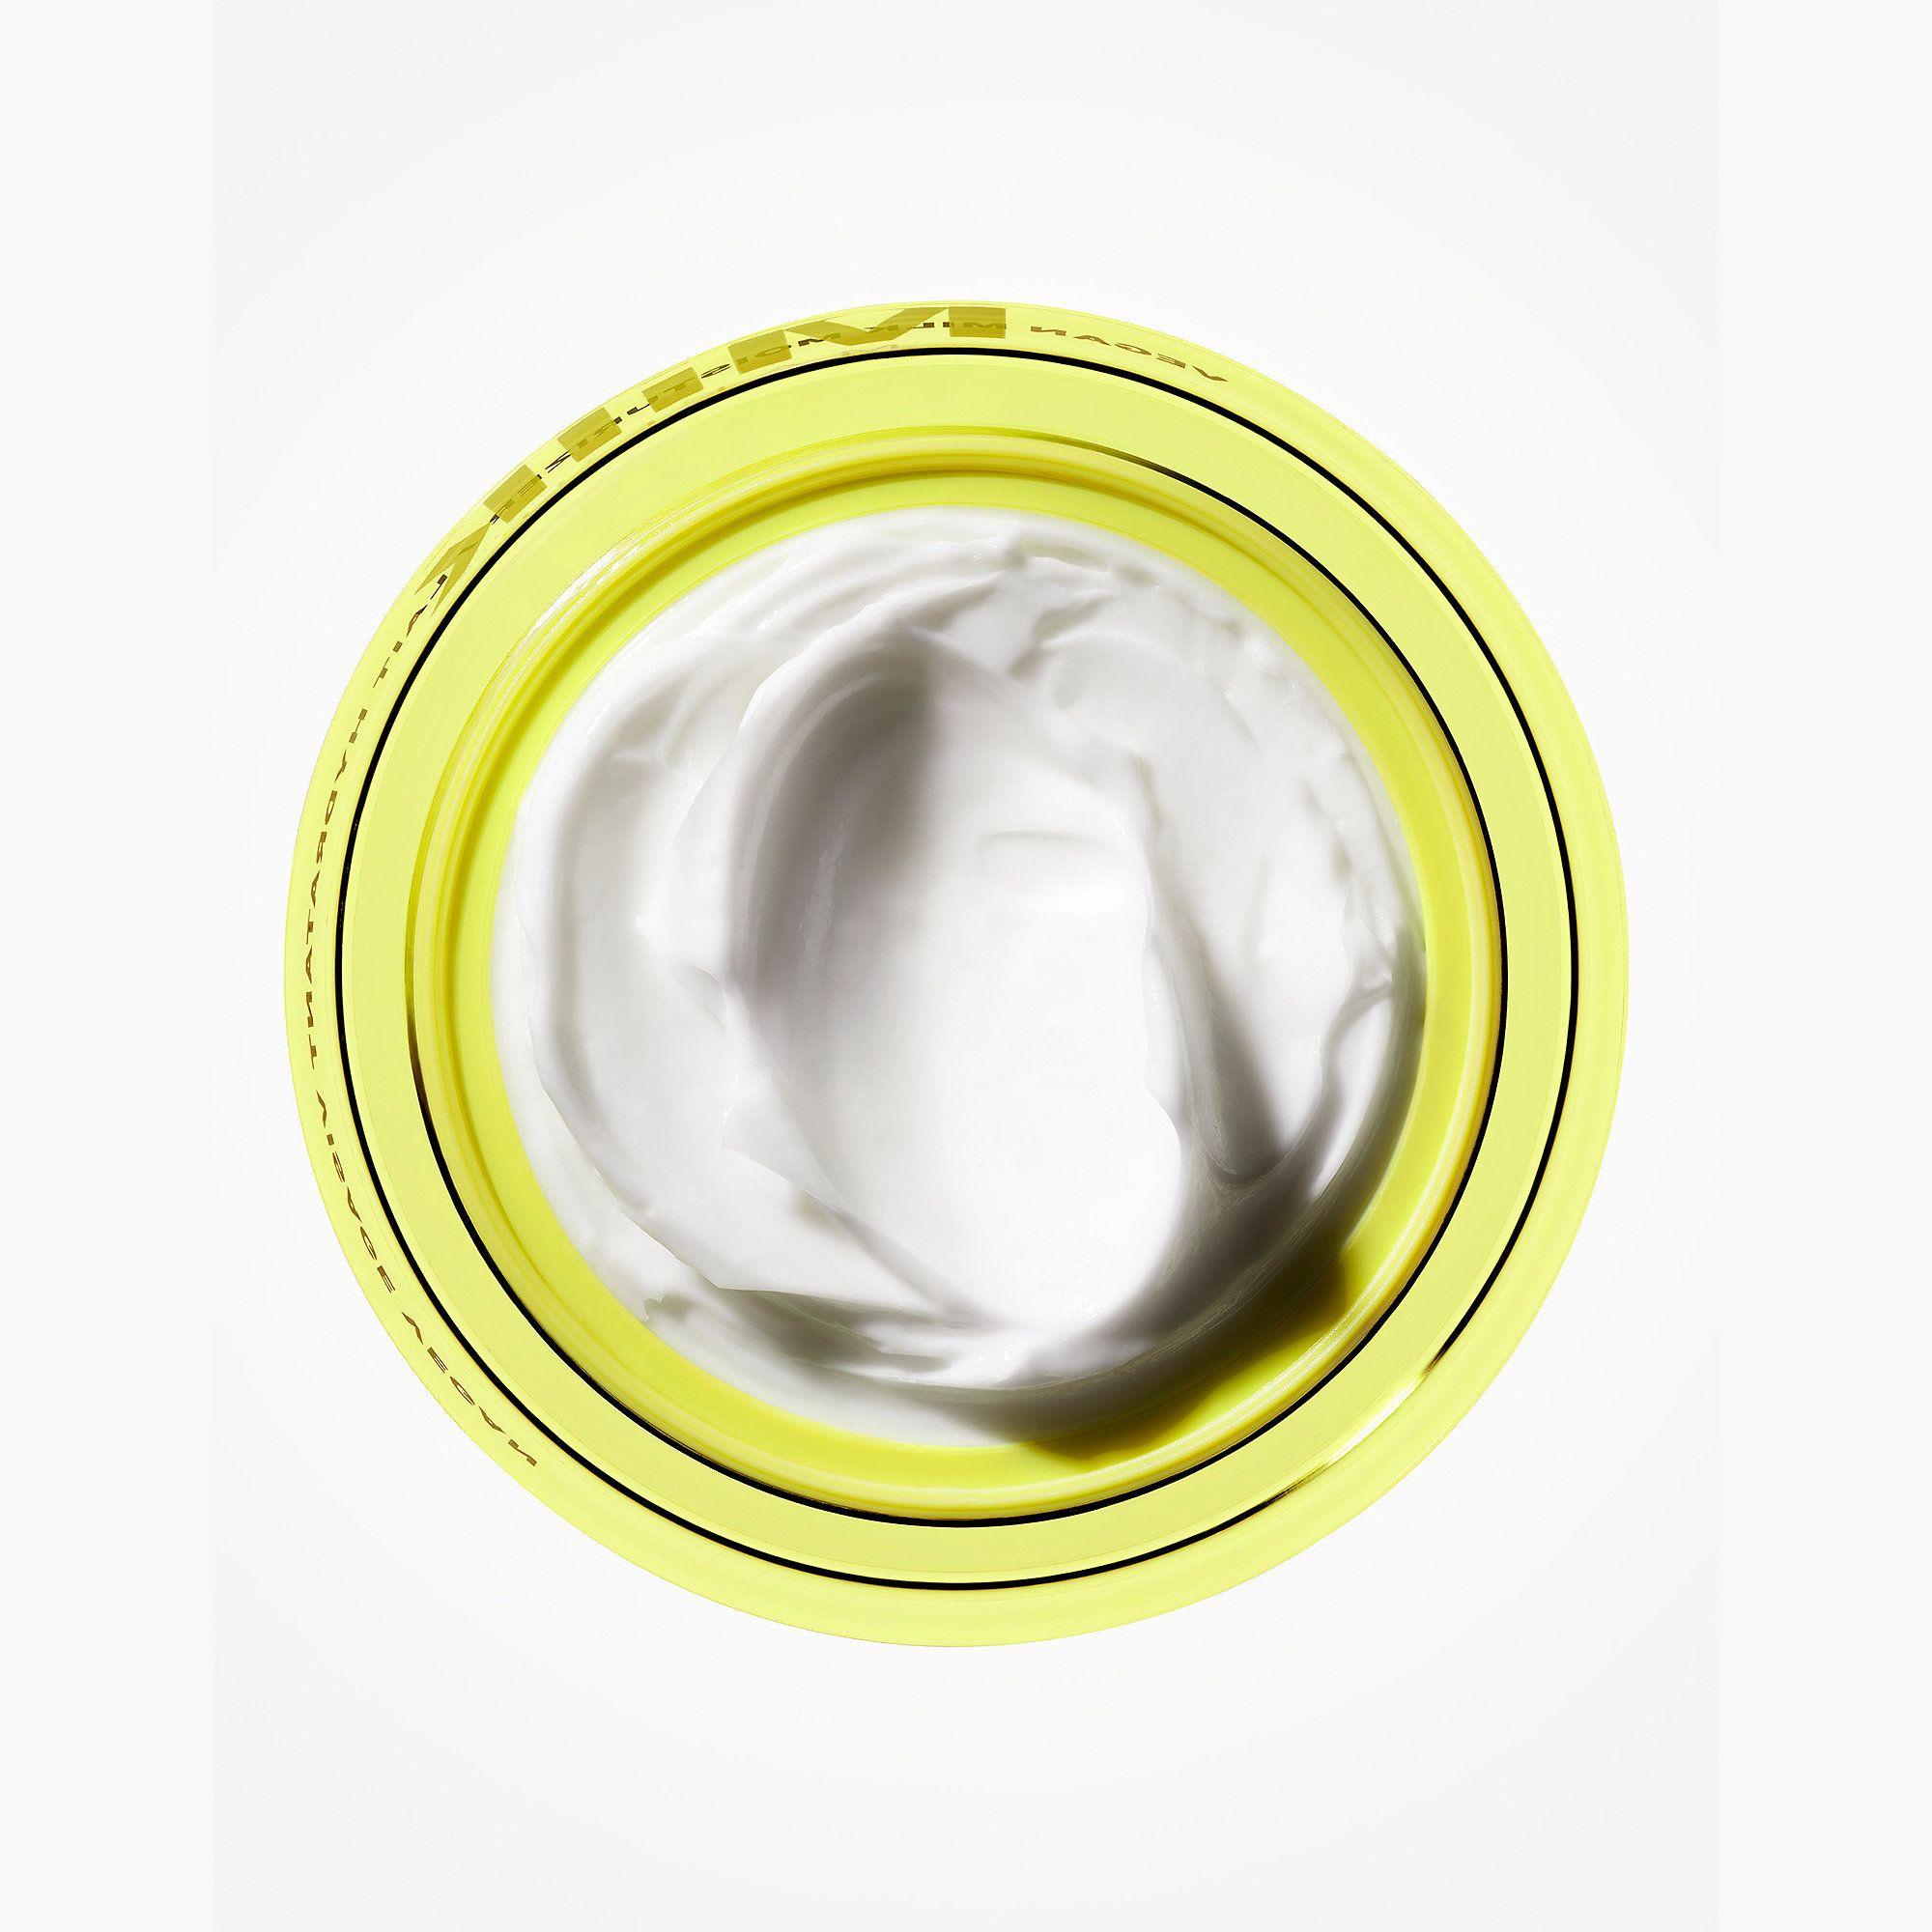 Vegan Milk Moisturizer in 2020 Milk makeup sephora, Milk